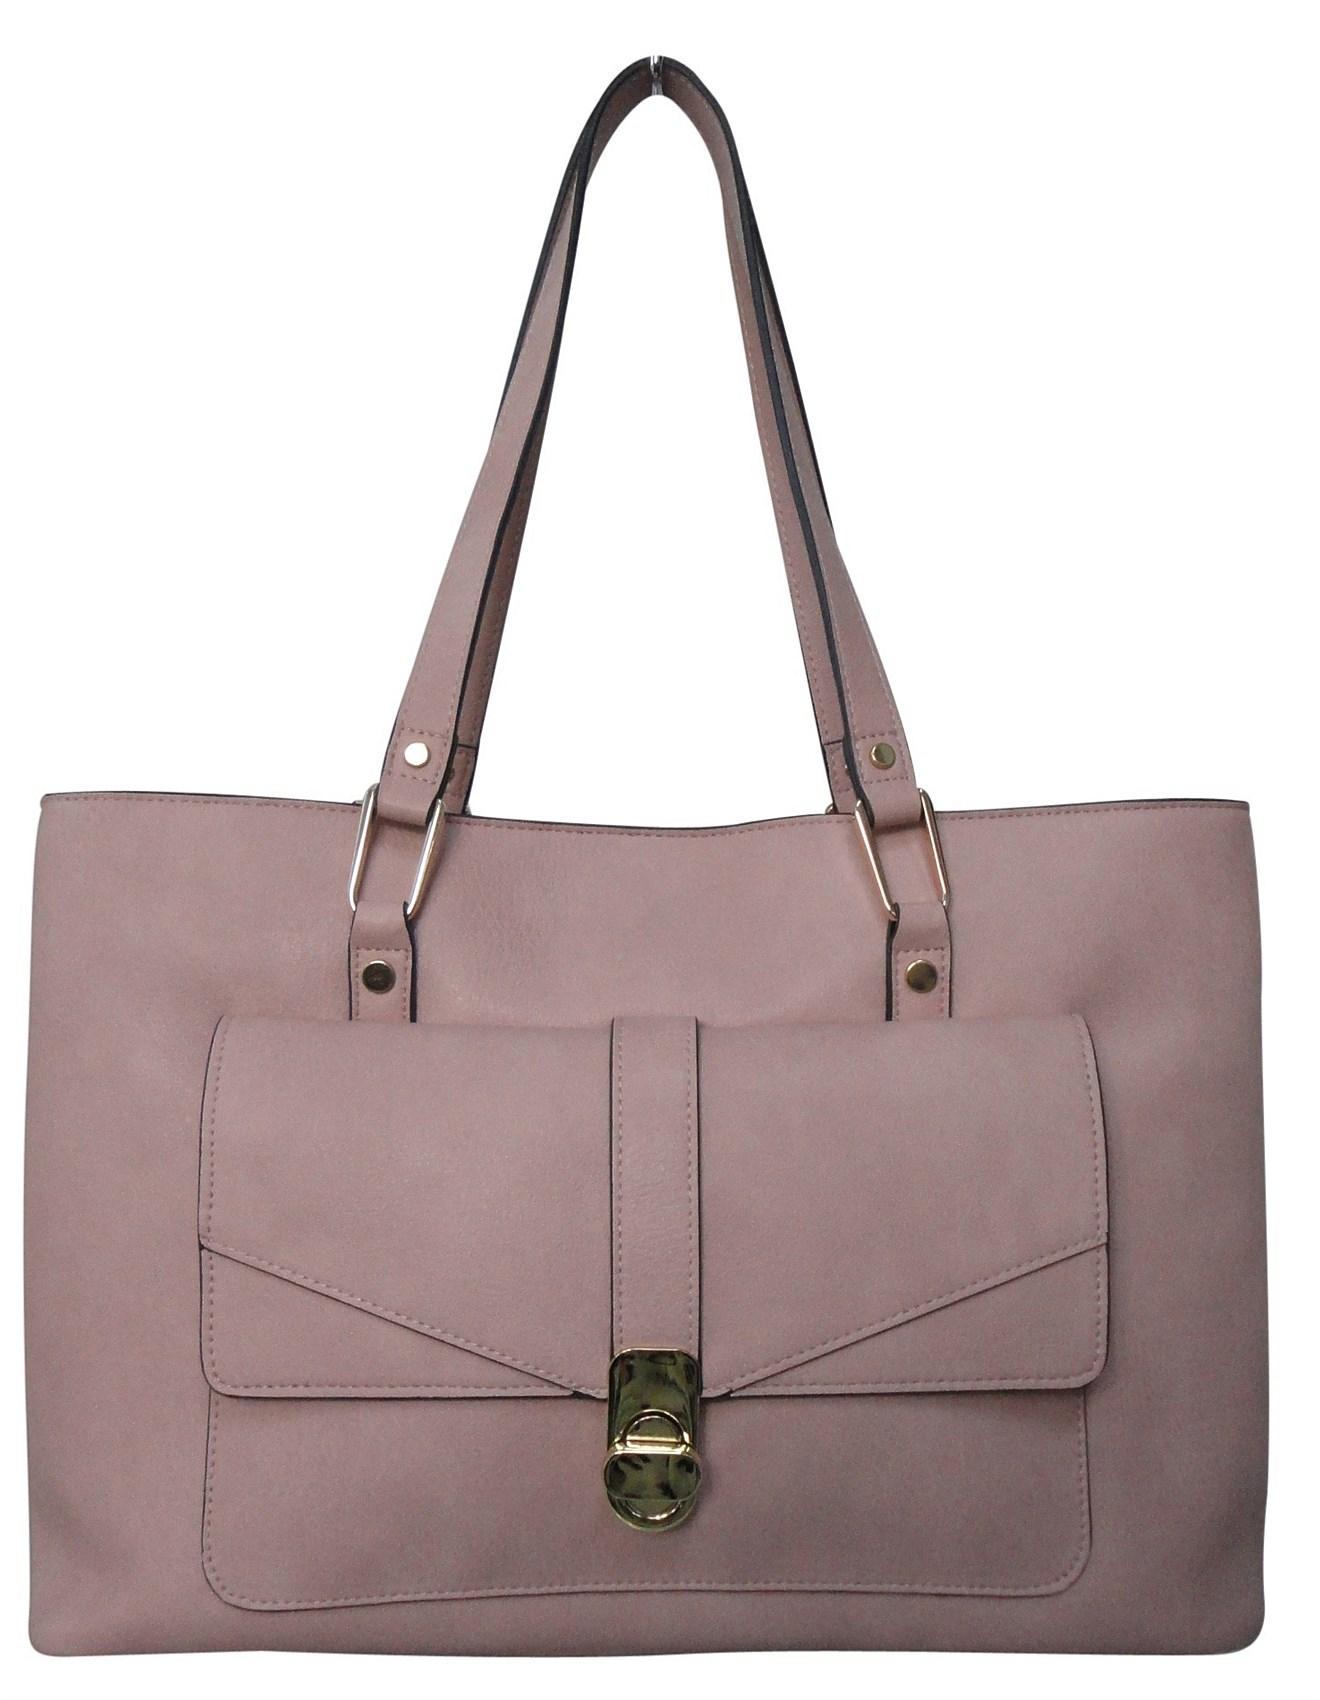 7757d32529 Designer Handbags For Women